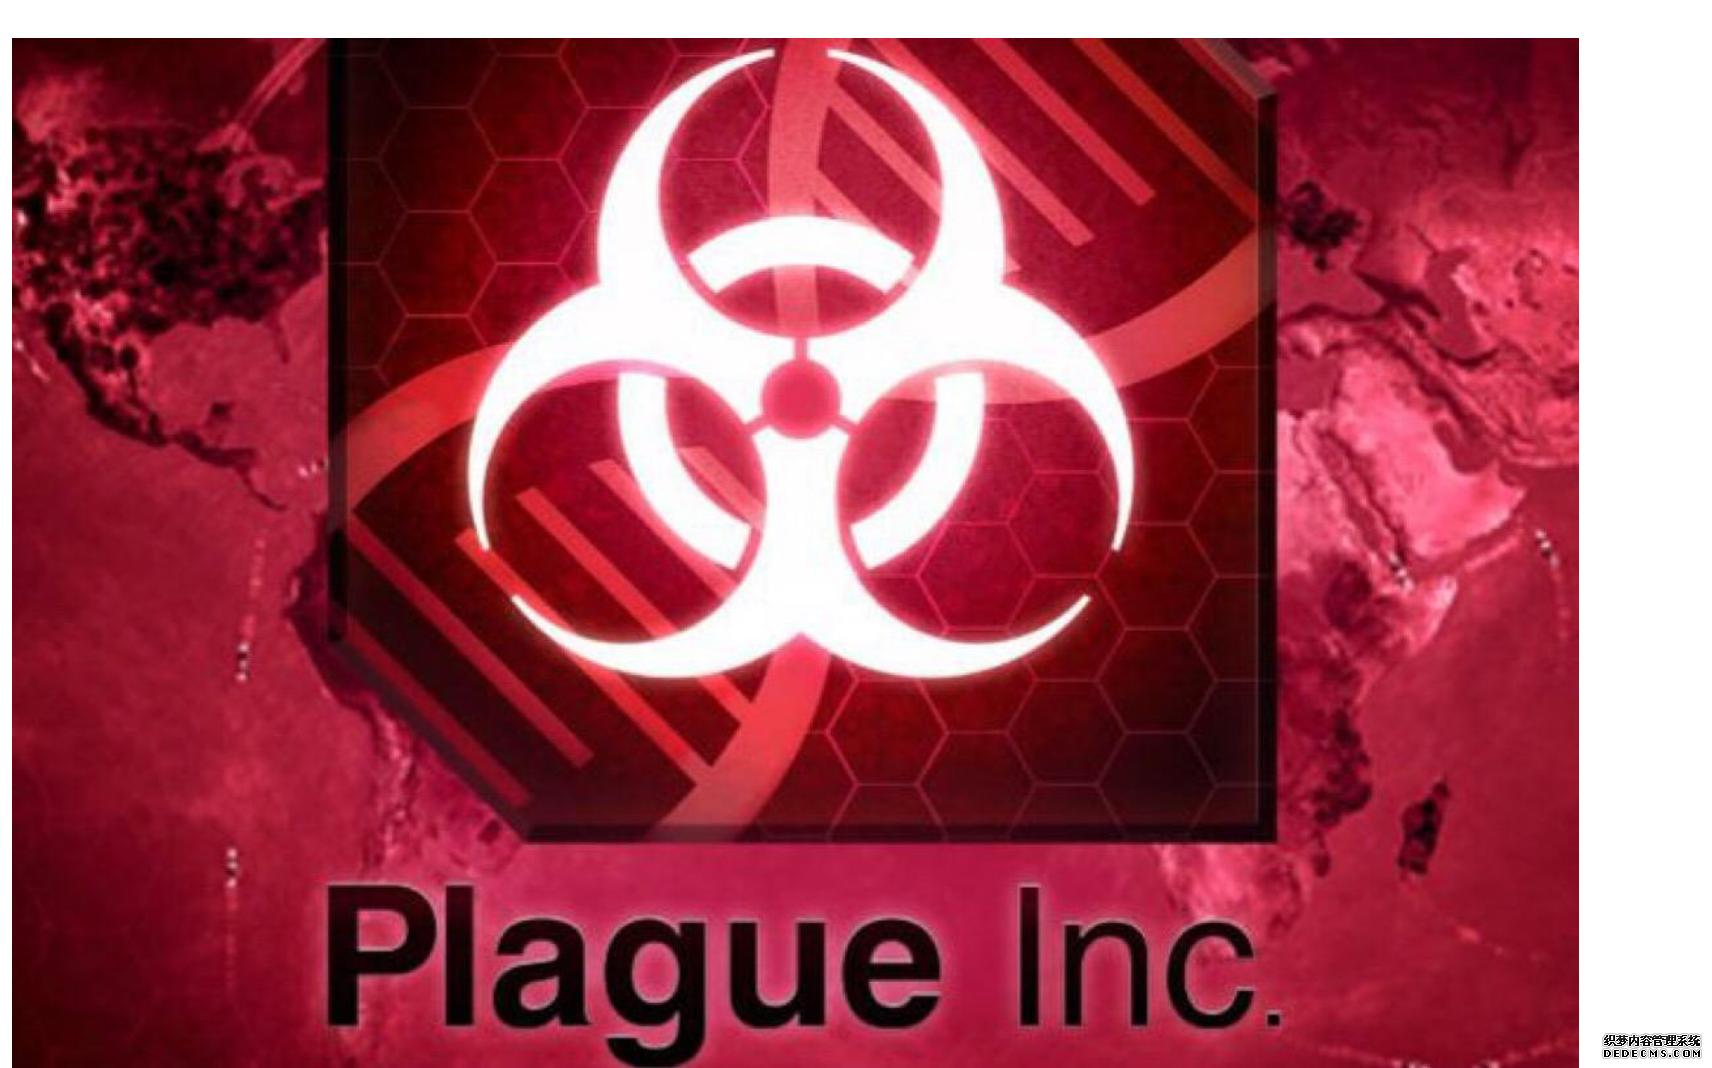 《瘟疫公司》声明:火爆的网页游戏这只是游戏 请从卫生部门获取信息